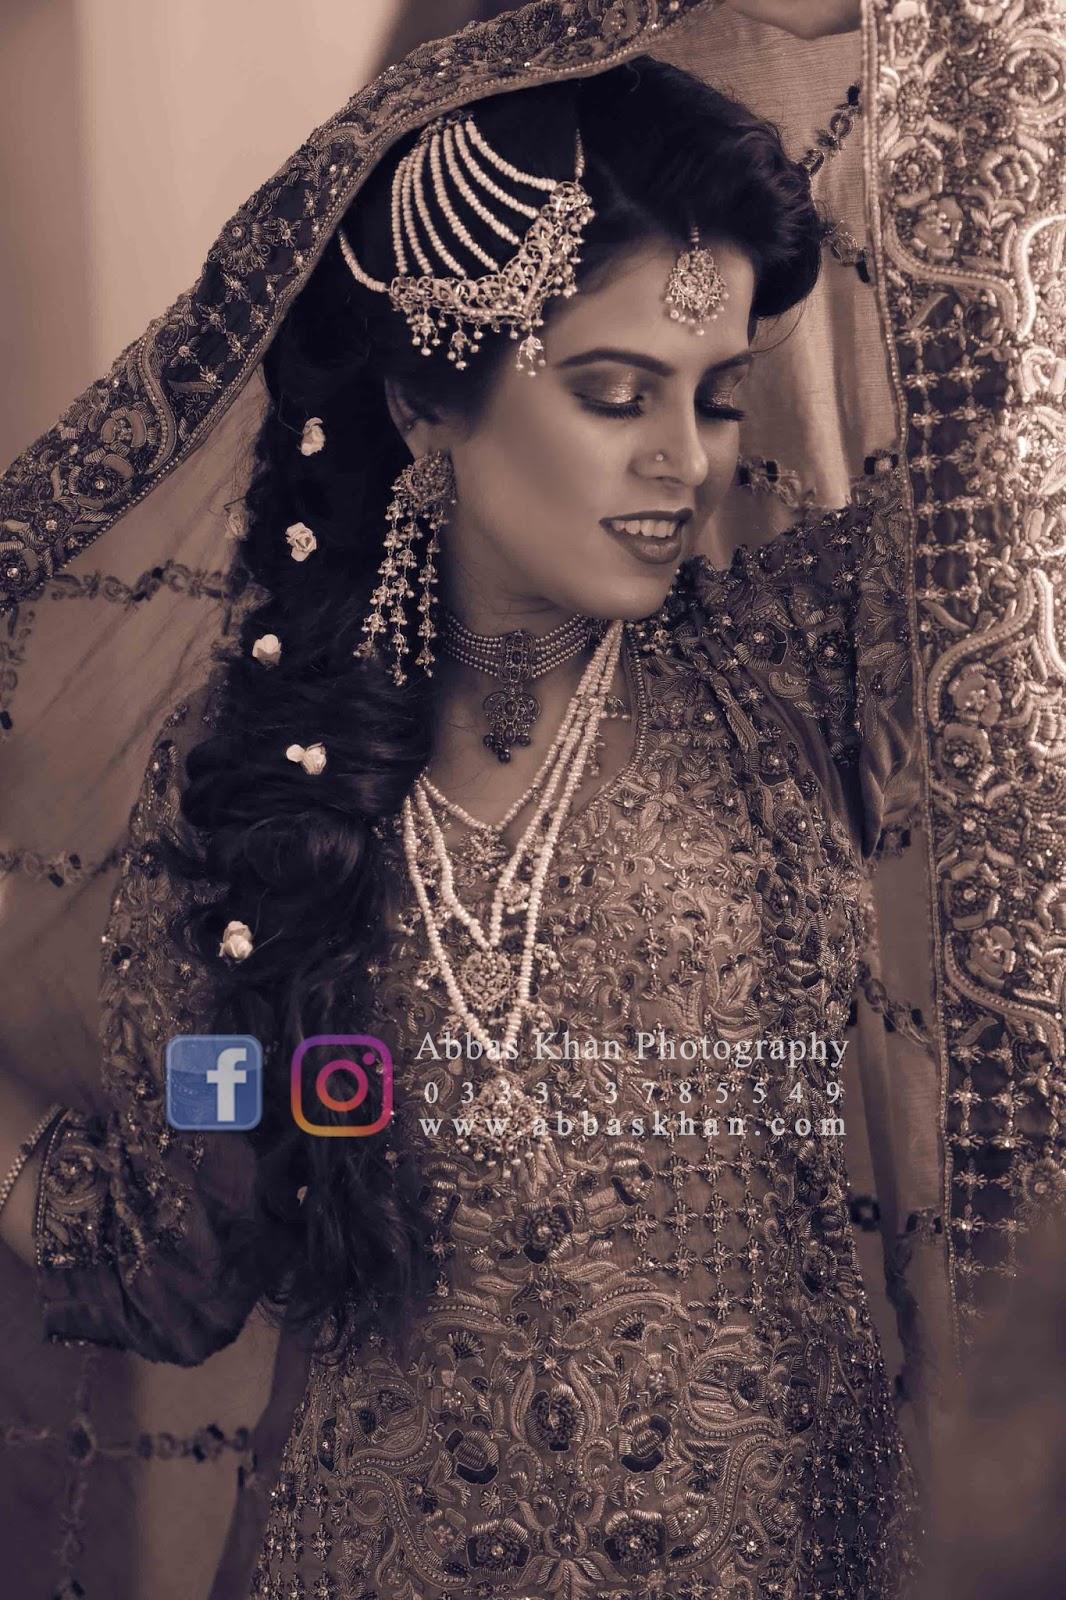 https://www.facebook.com/abbaskhanphotography/